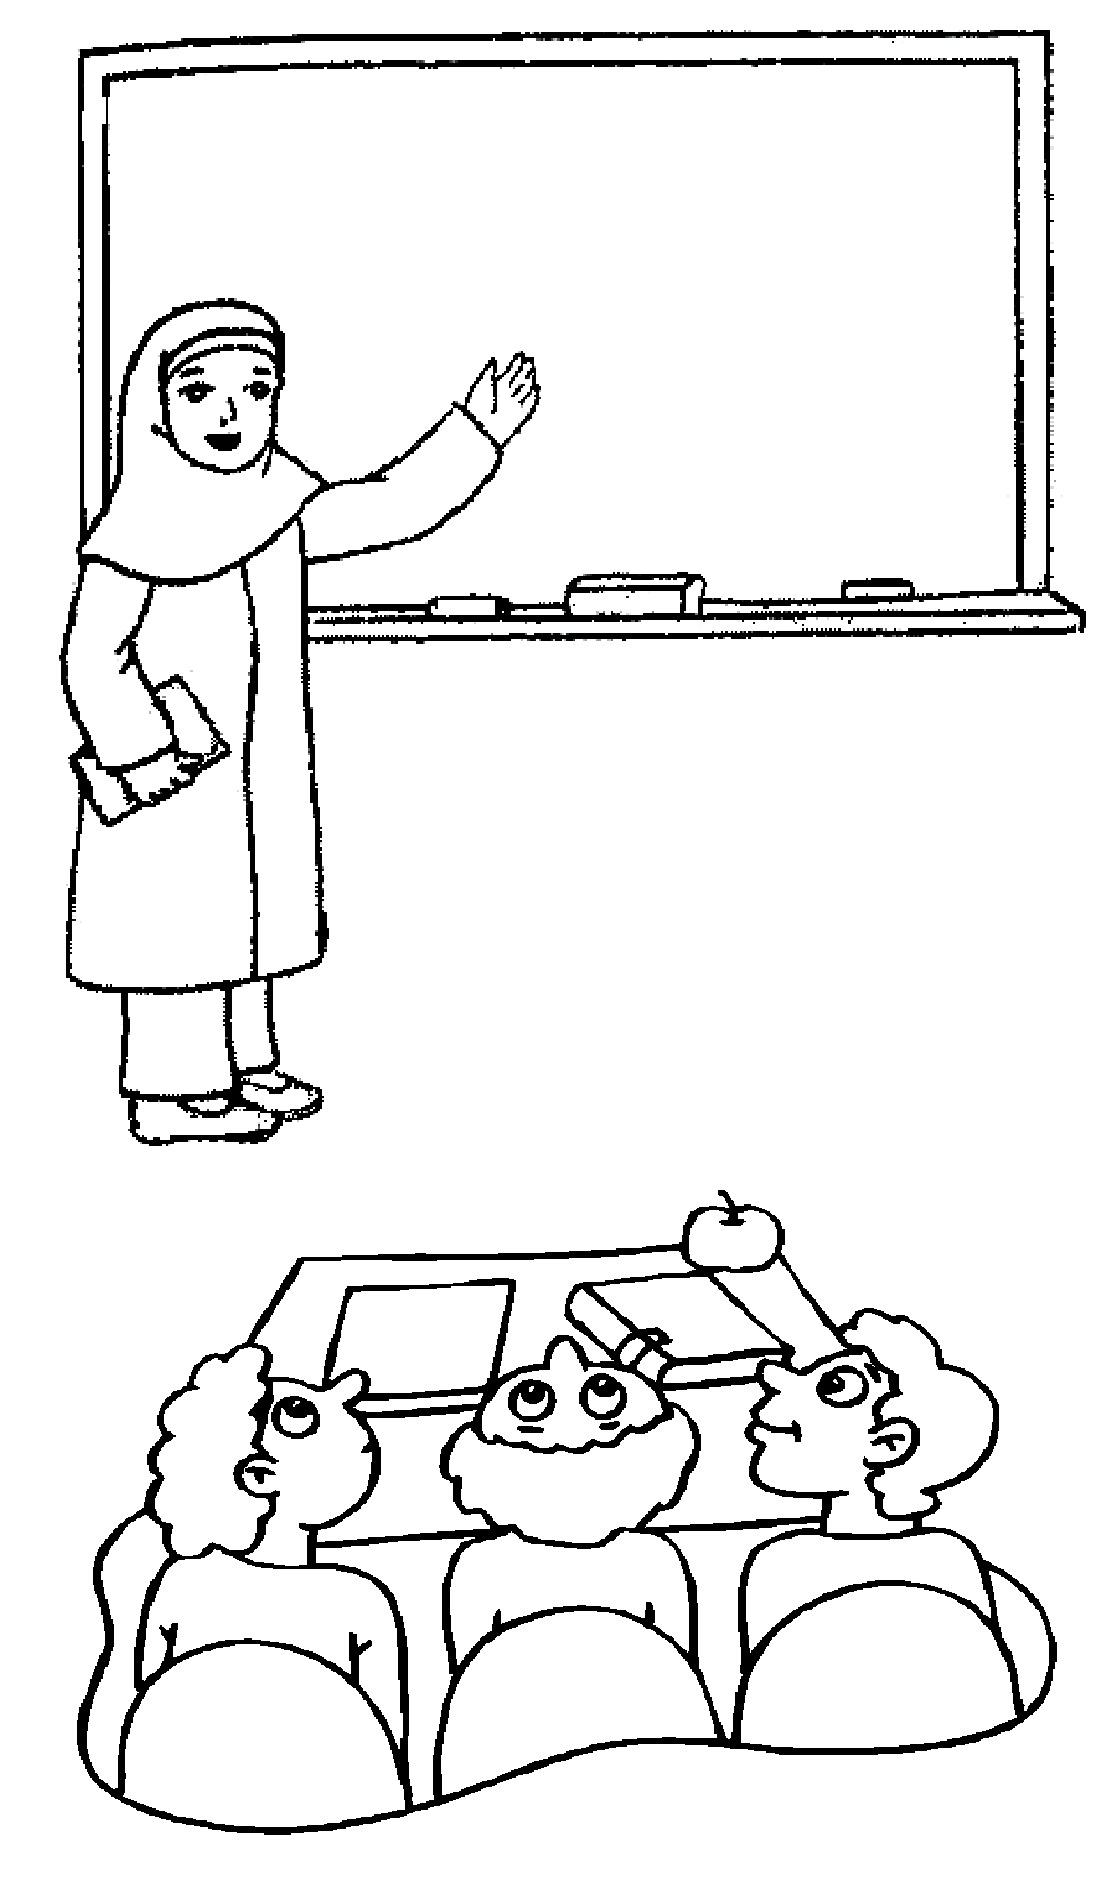 طرح و تصویر کودکانه روز معلم